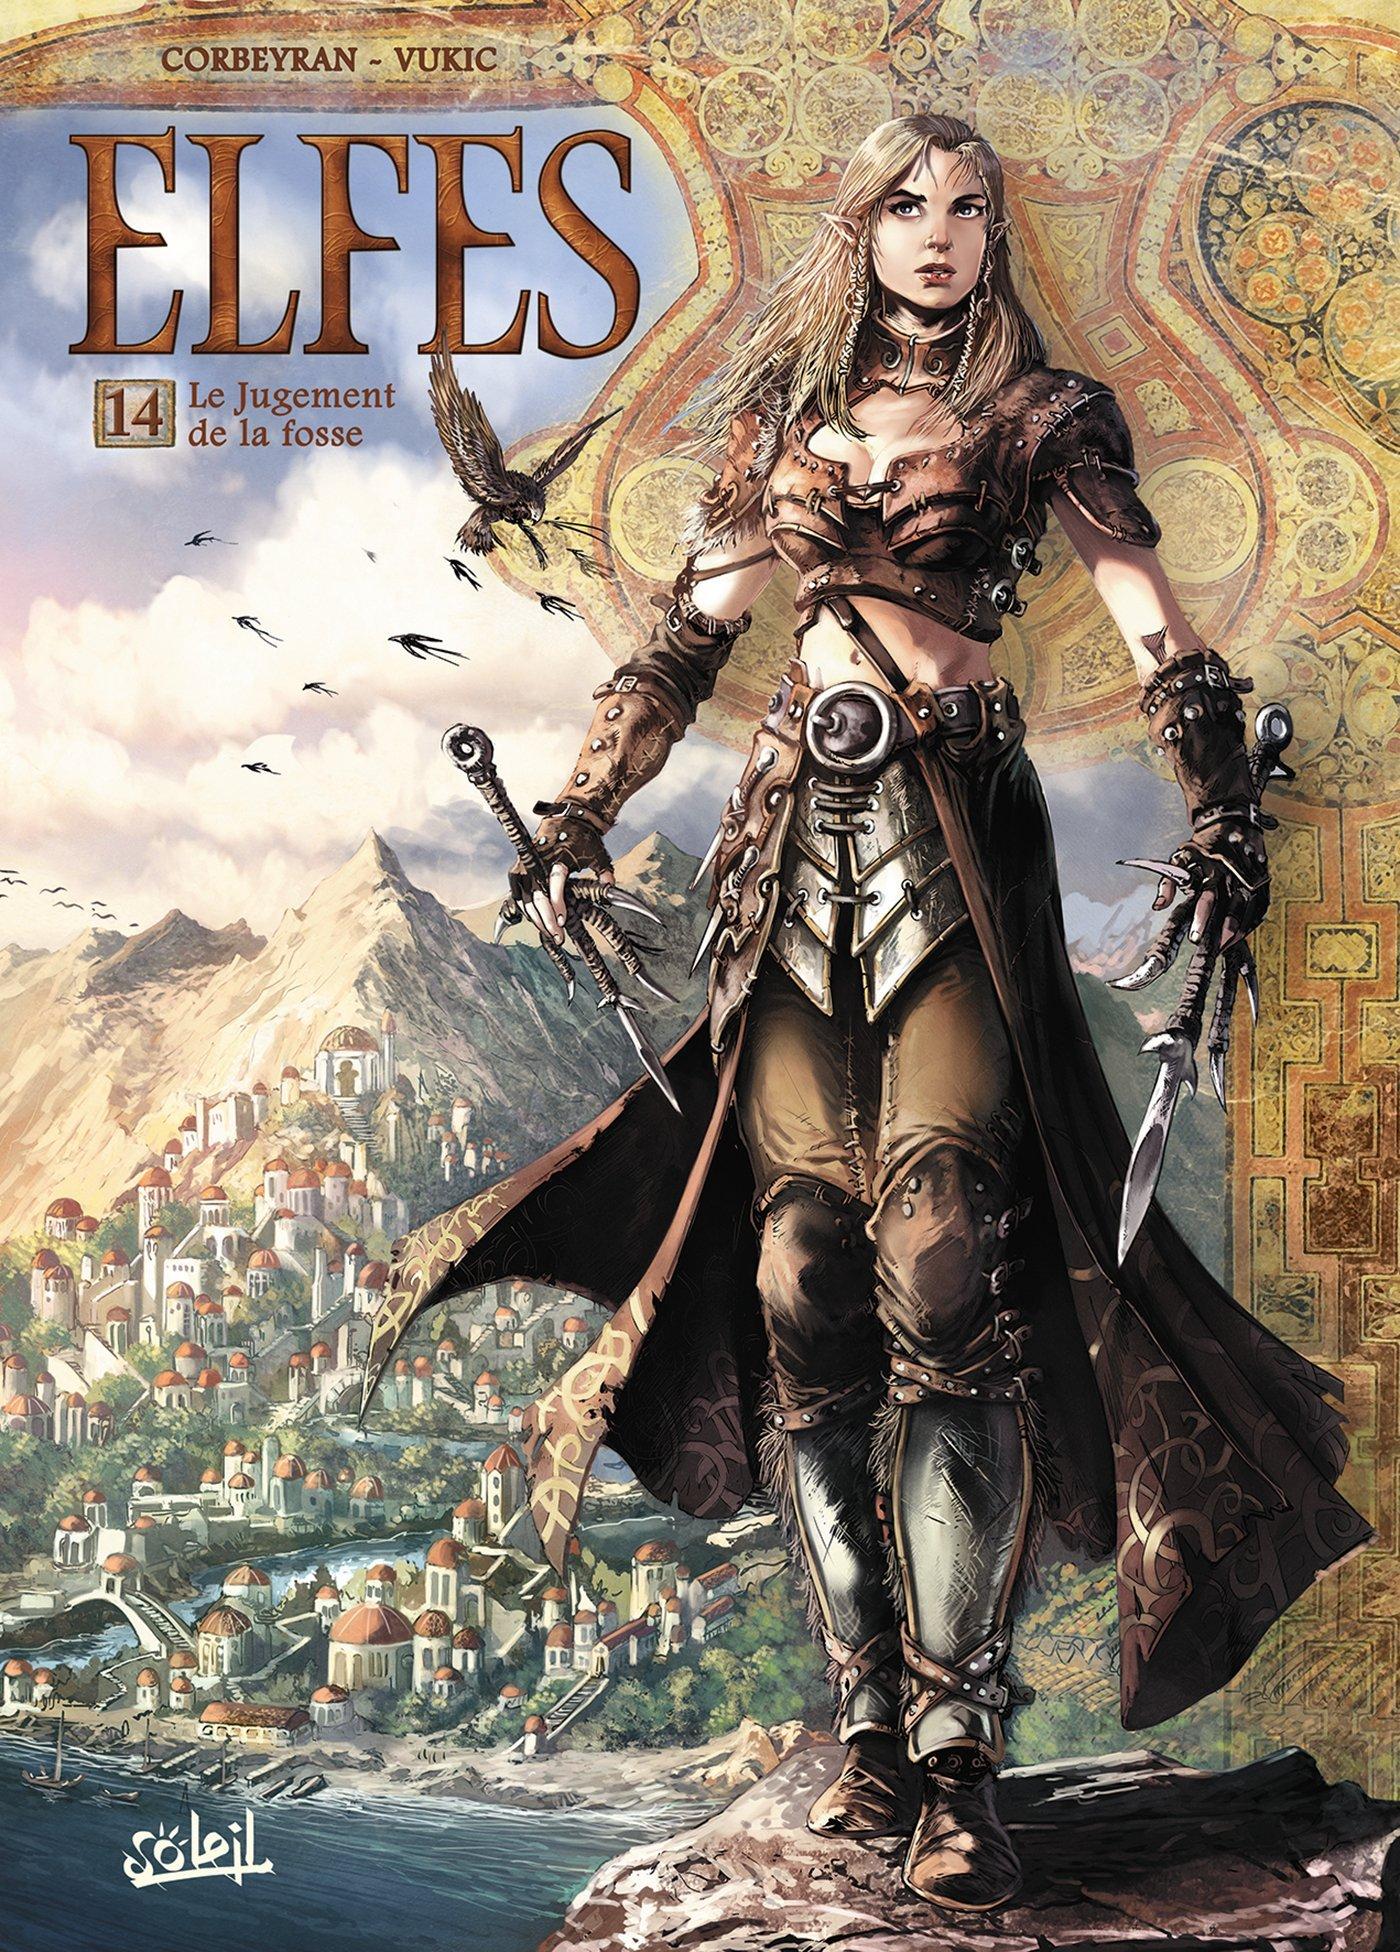 Elfes 14 - Le Jugement de la fosse